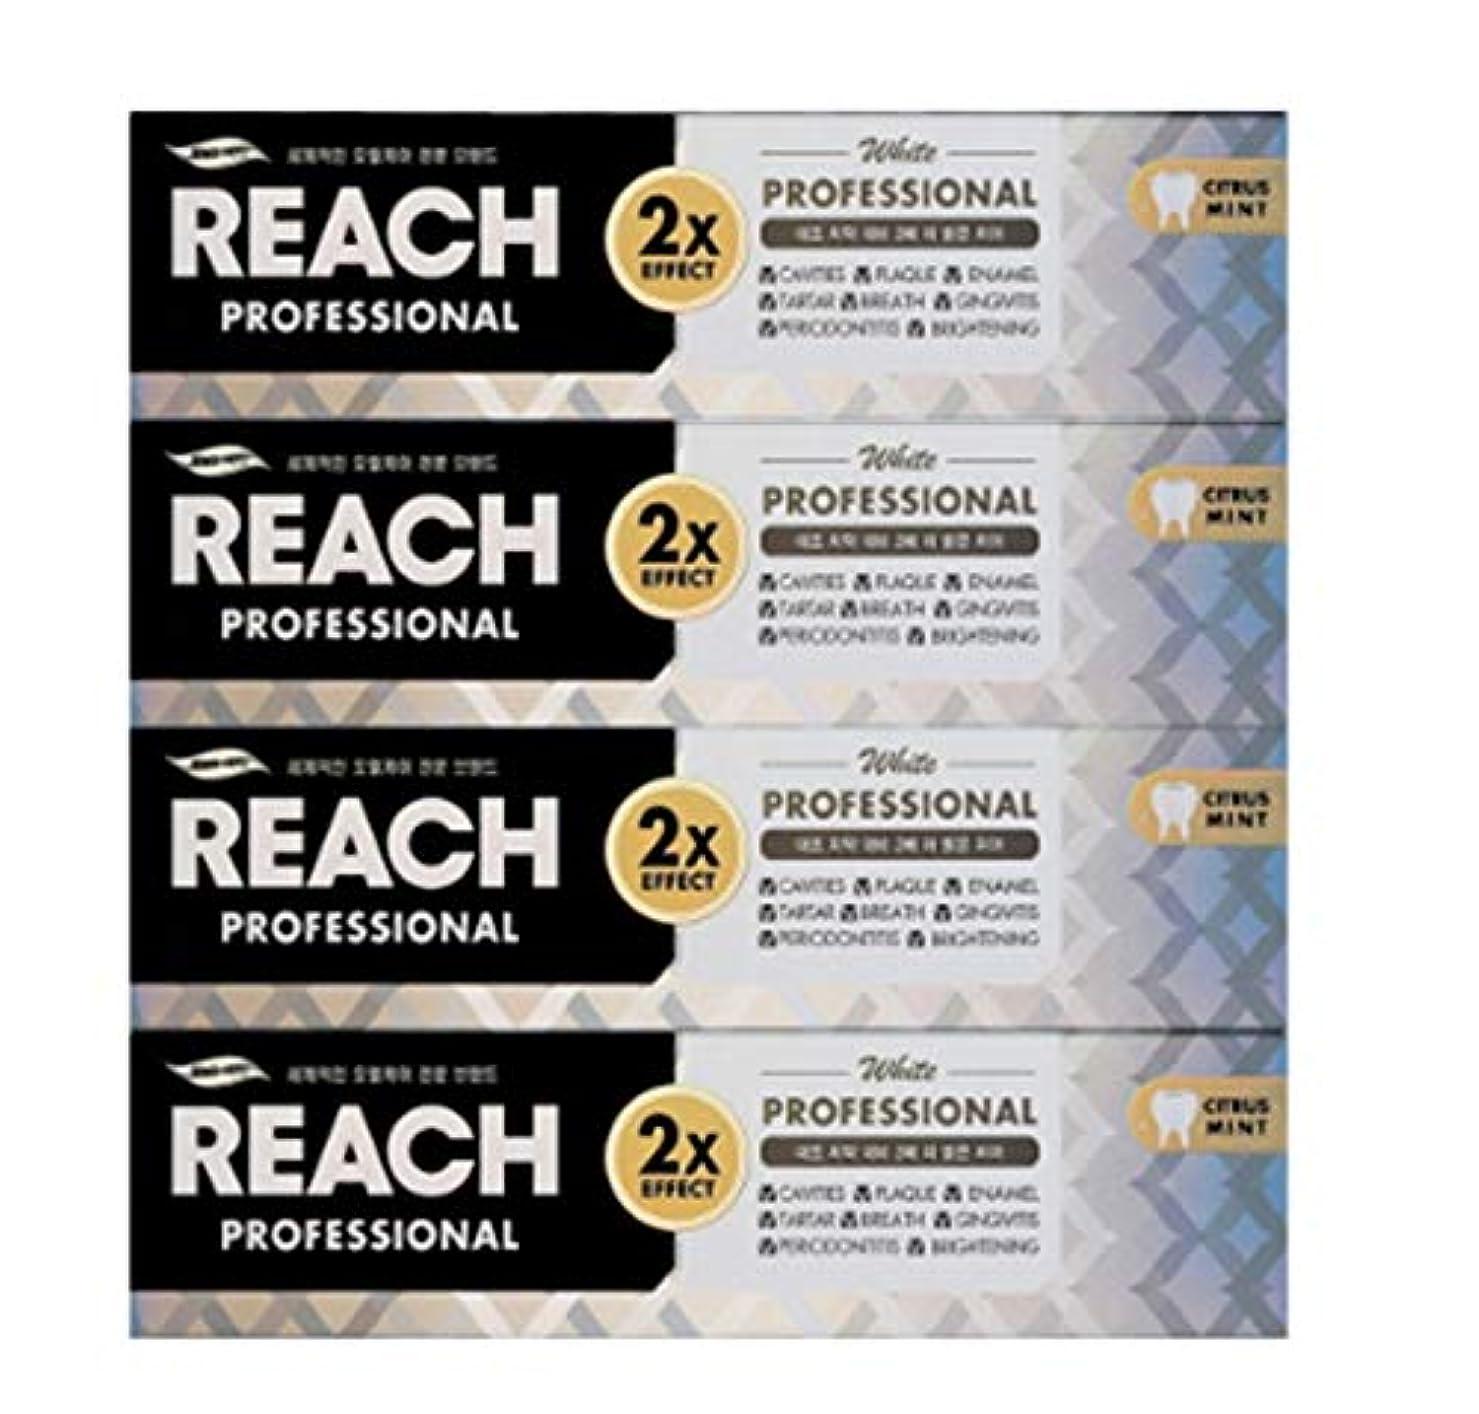 オセアニア稼ぐベアリング[LG生活と健康] LG Rich Professional toothpaste whiteningリッチ、プロフェッショナル歯磨き粉ホワイトニング120g*4つの(海外直送品)